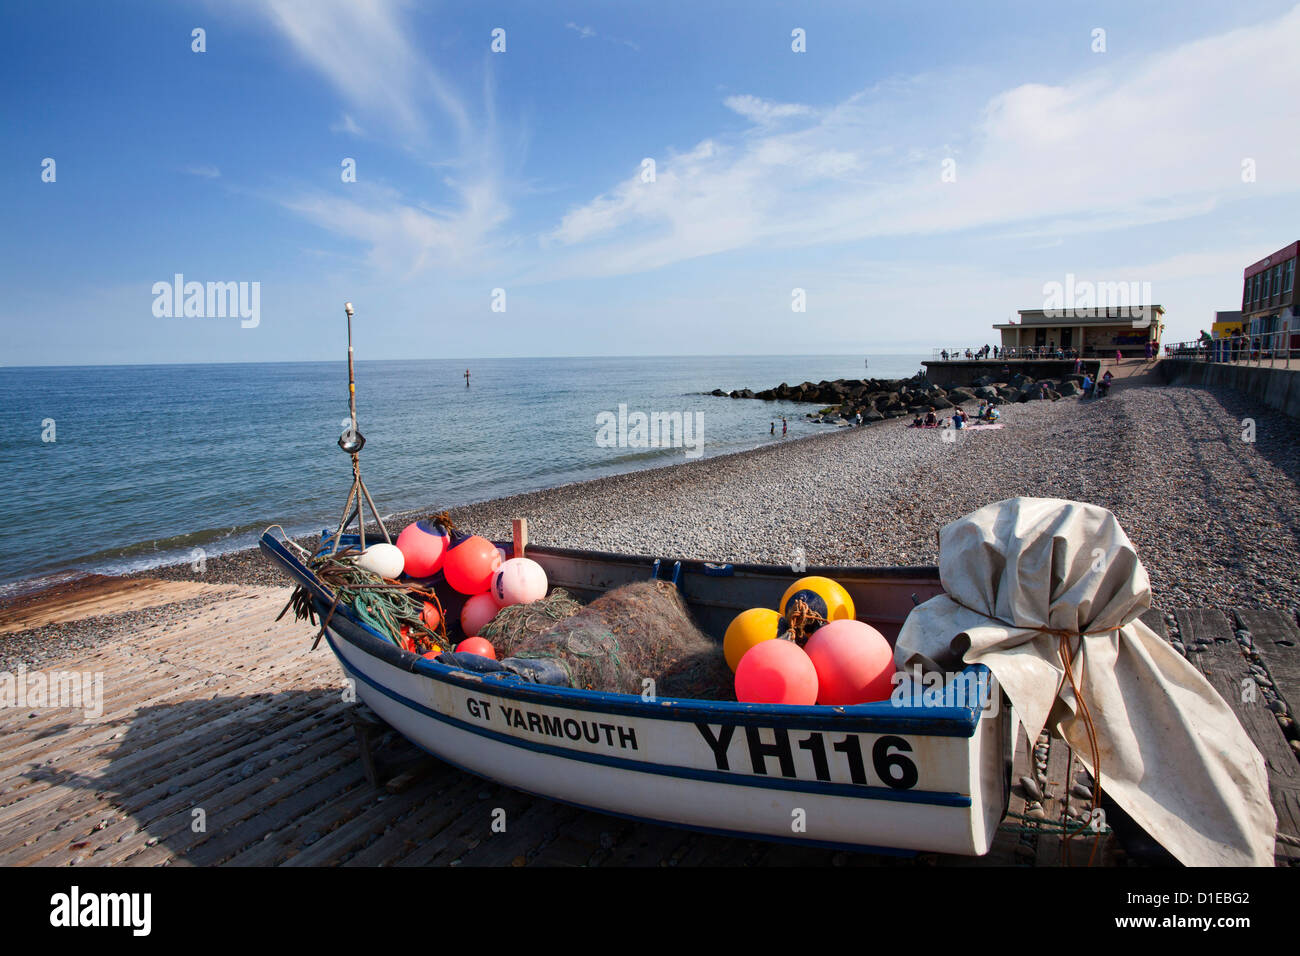 Bateau de pêche sur la plage de galets à Sheringham, Norfolk, Angleterre, Royaume-Uni, Europe Photo Stock